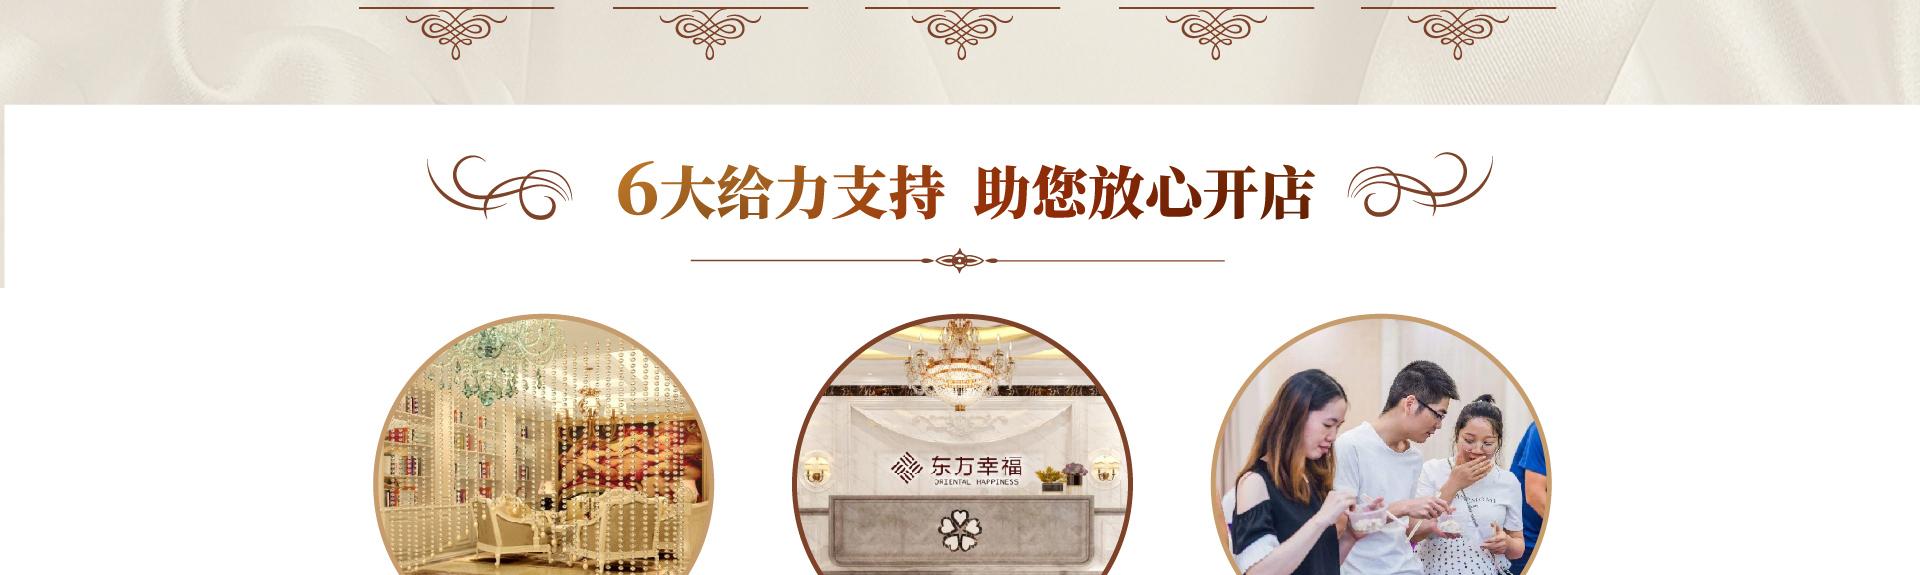 东方幸福月子会所PC_13